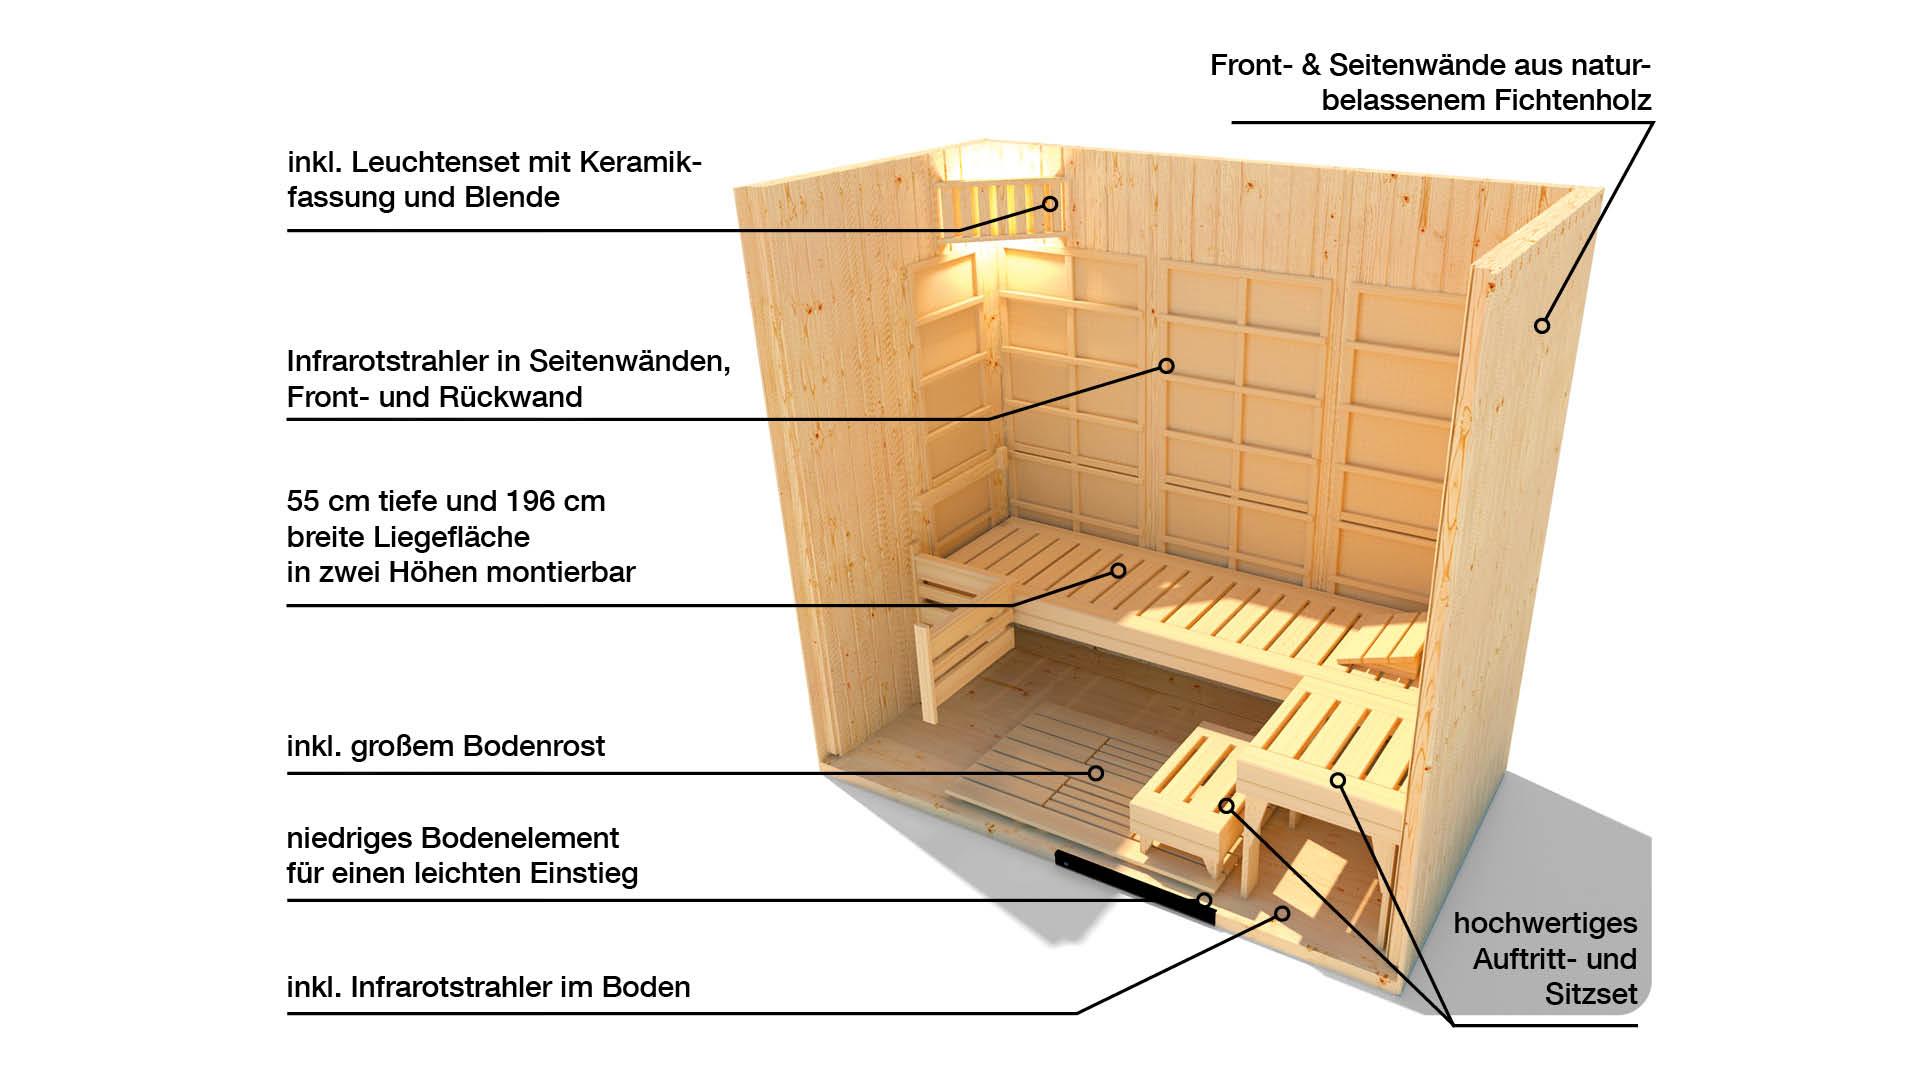 BildPD547.2012.14.00_2